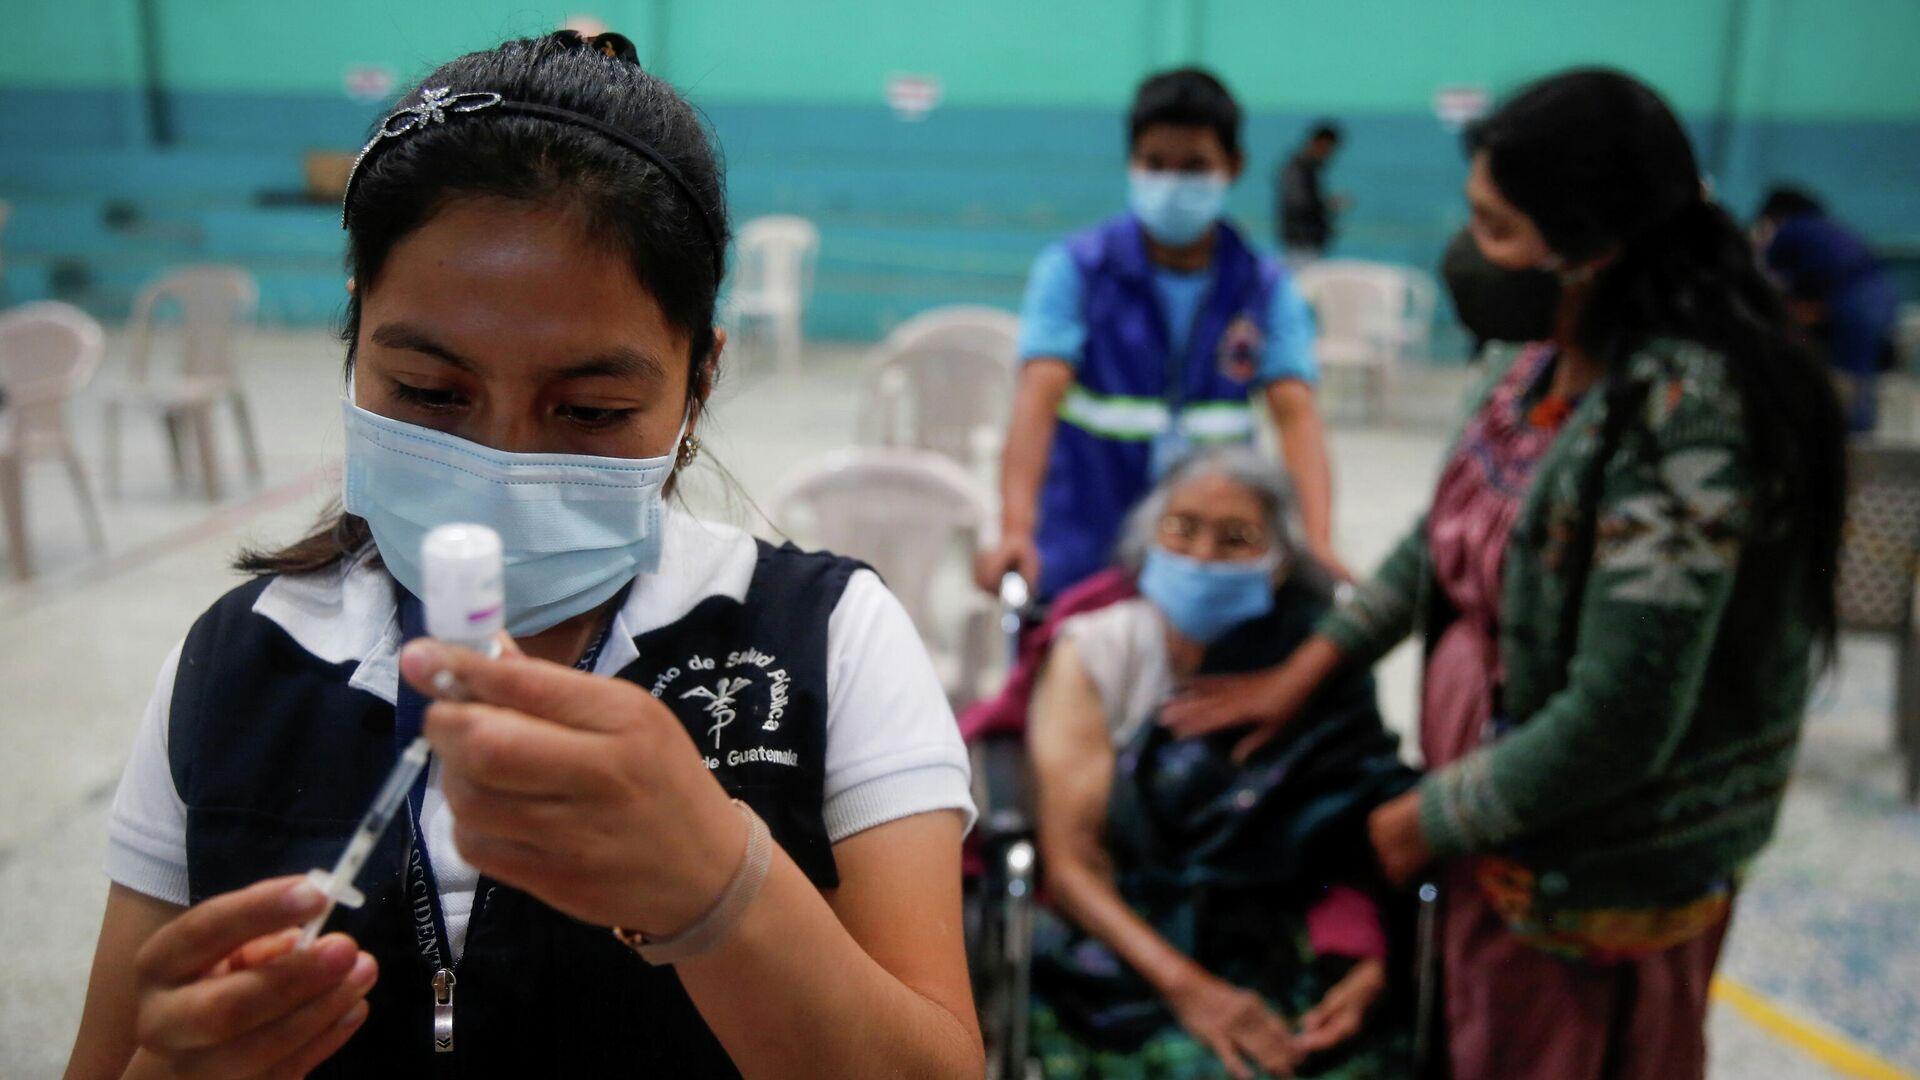 Una enfermera prepara una jeringa con una dosis de la vacuna Oxford / AstraZeneca contra el coronavirus en la alcaldía municipal de San Pedro Sacatepéquez, Guatemala, el 6 de mayo de 2021/ Foto de archivo - Sputnik Mundo, 1920, 17.07.2021